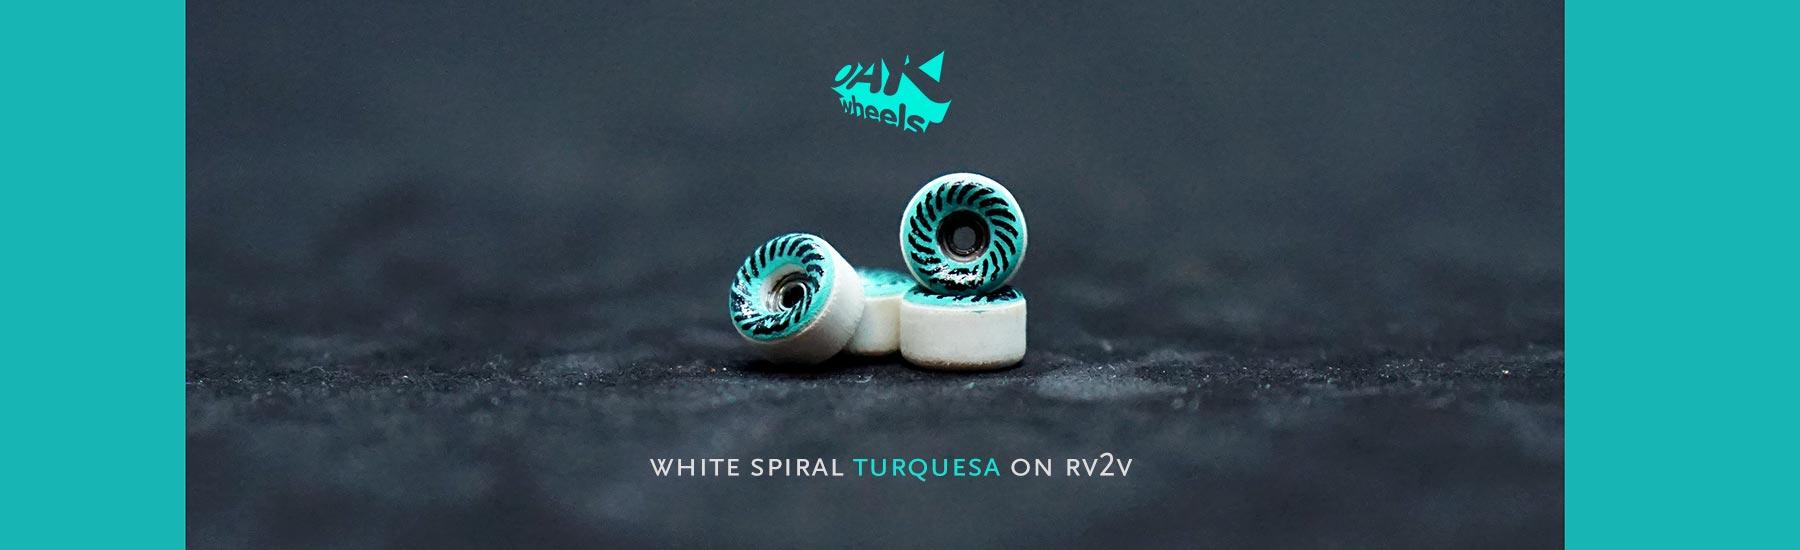 whitespiralturqRV2VHome